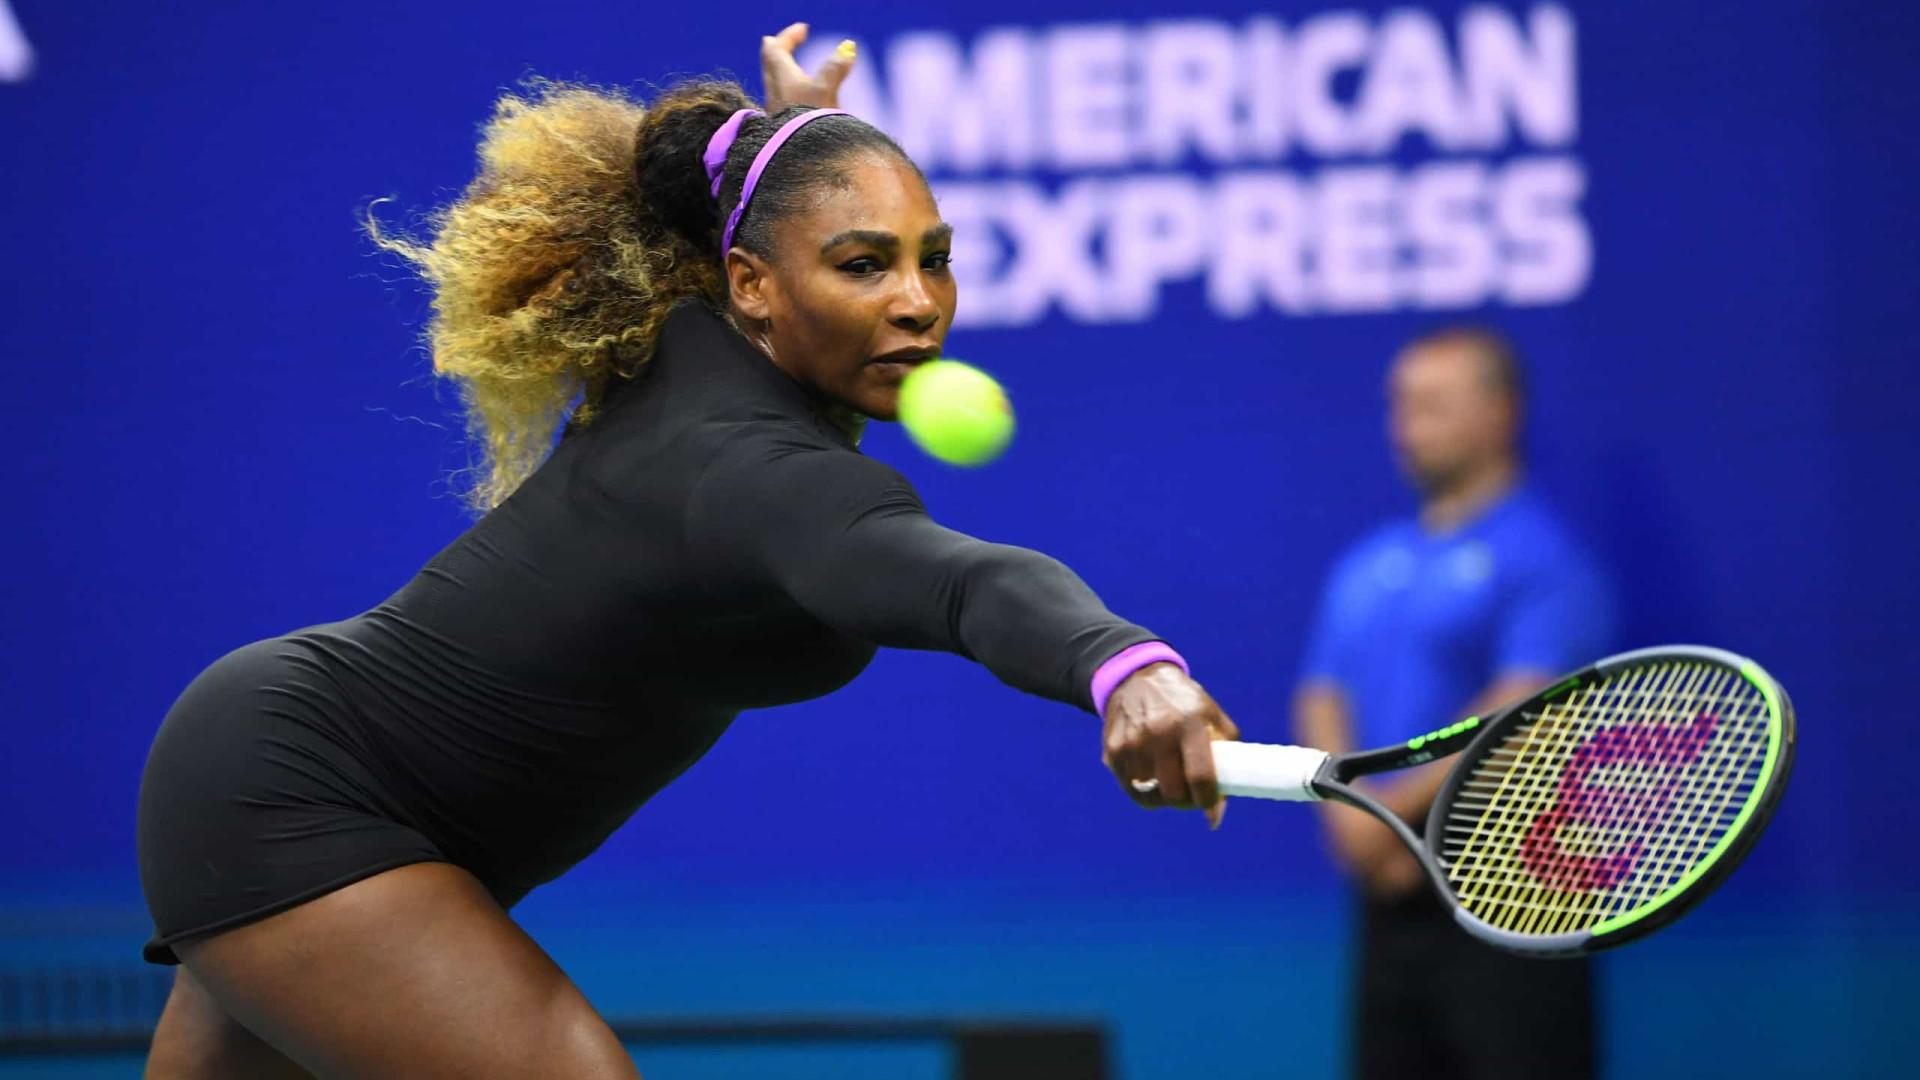 Serena Williams lamenta erros e evita falar do futuro após queda em Melbourne